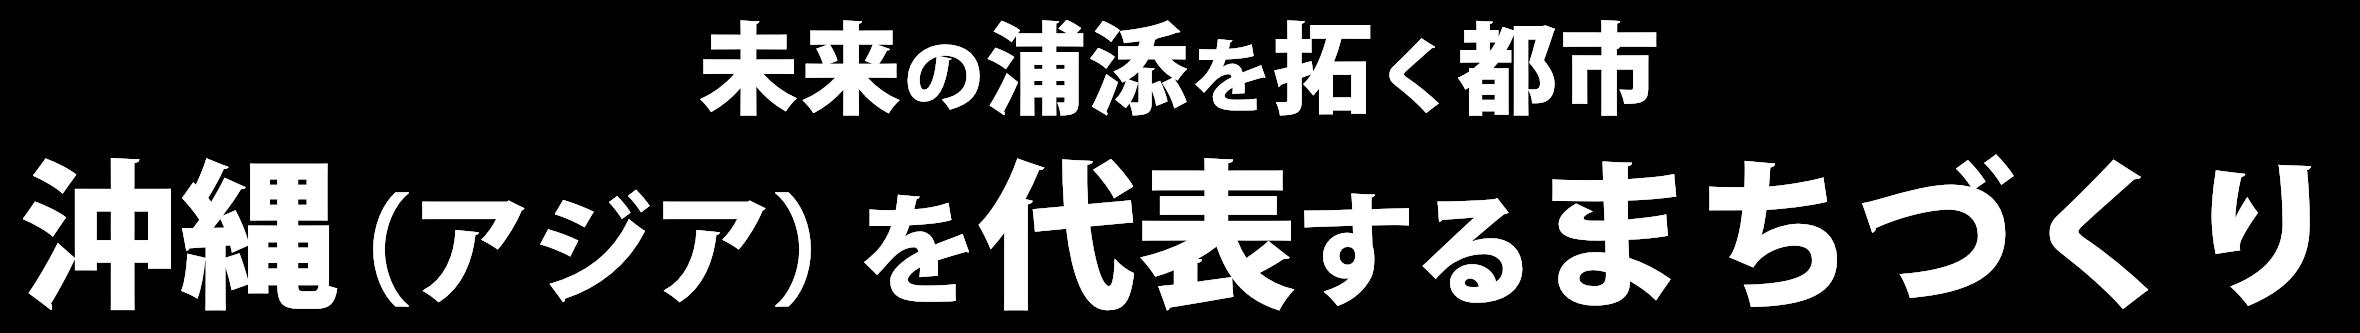 未来の浦添を拓く都市 沖縄(アジア)を代表するまちづくり